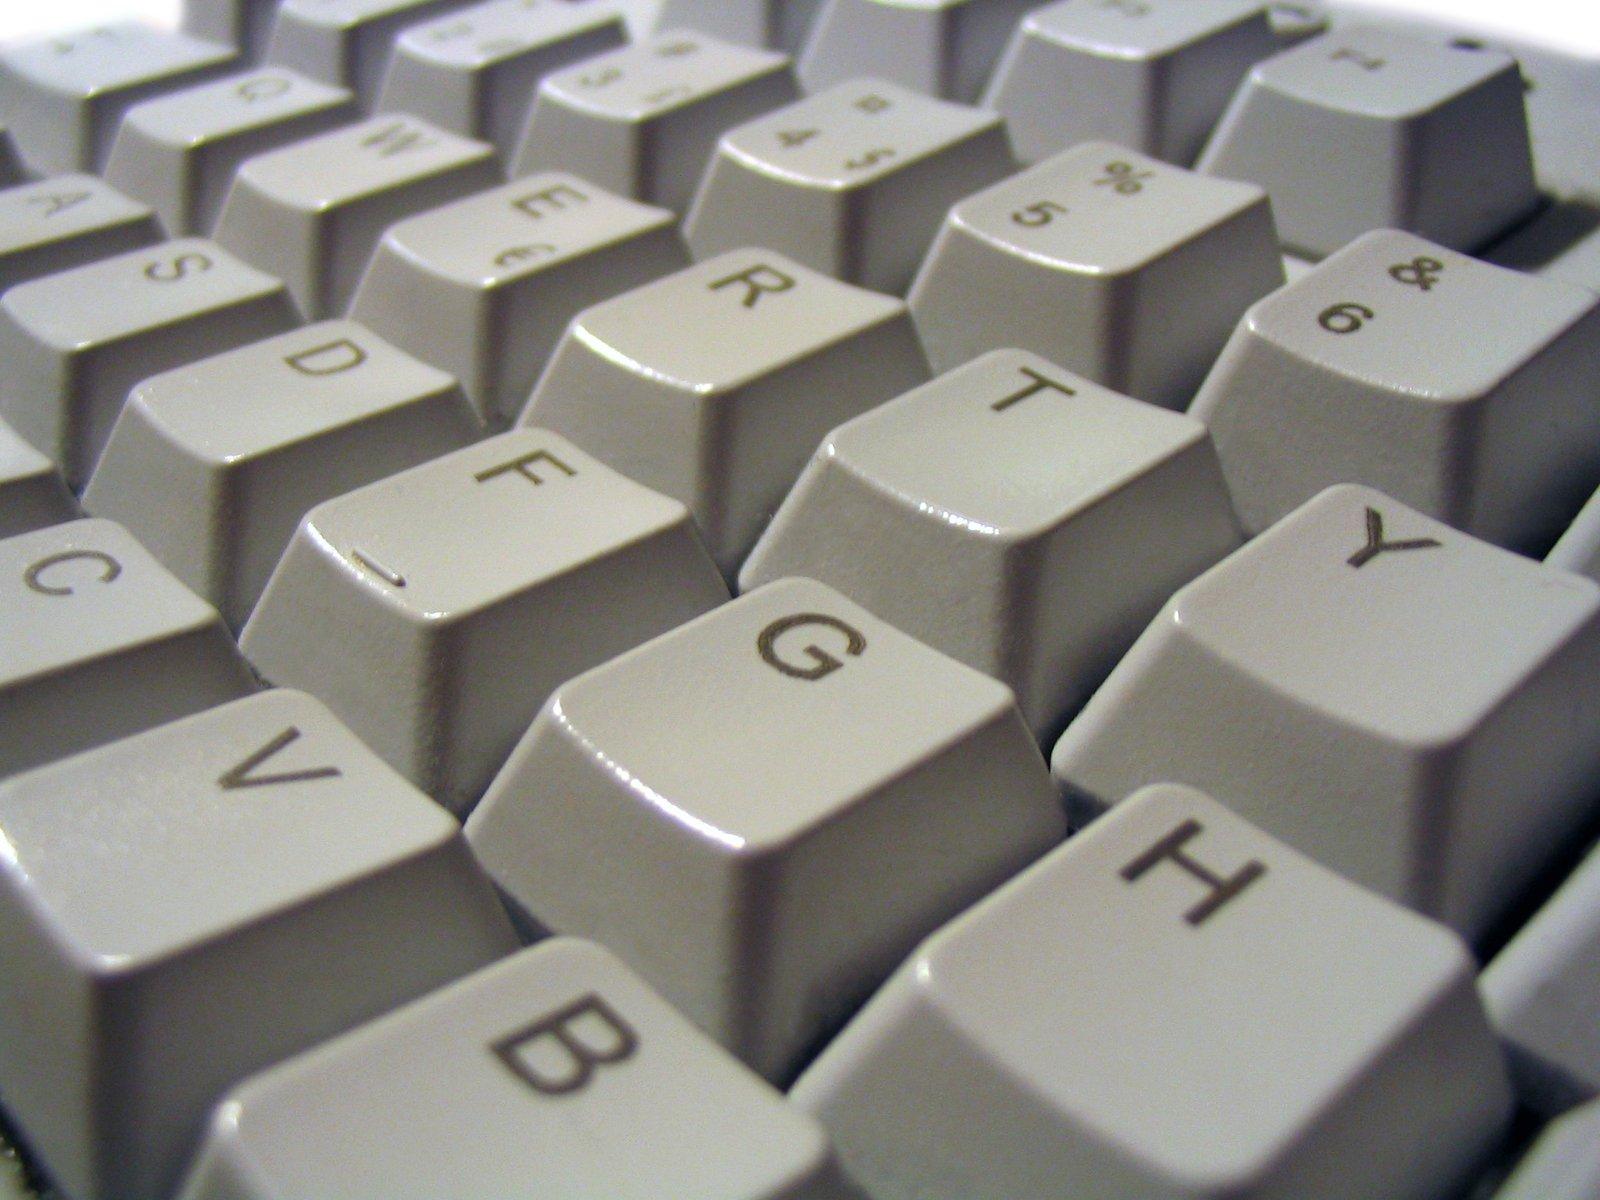 Keyboard,keyboard,data,computer